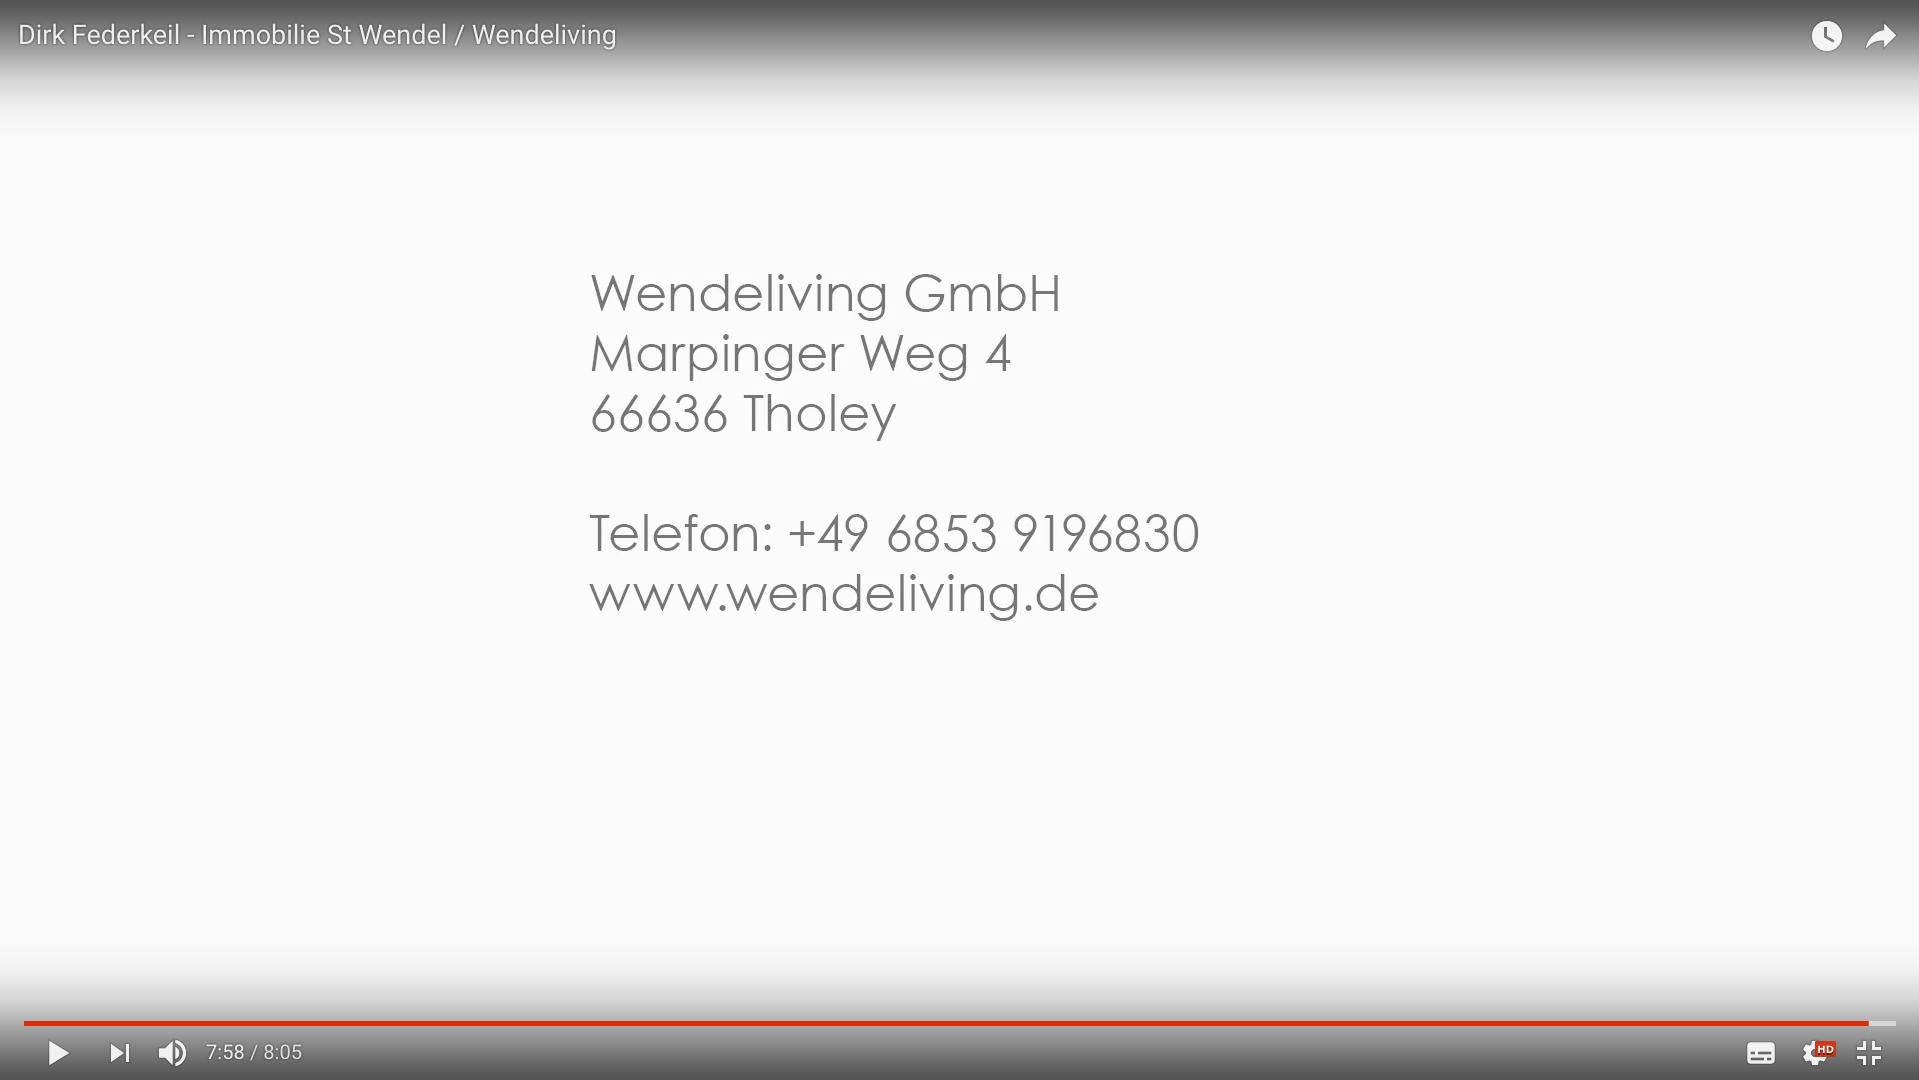 2017 Immobilie St Wendel : Wendeliving Kontakt _MSM_MEDIEN_SAAR_MOSEL_SAARLAND_FERNSEHEN_1_ED_SAAR